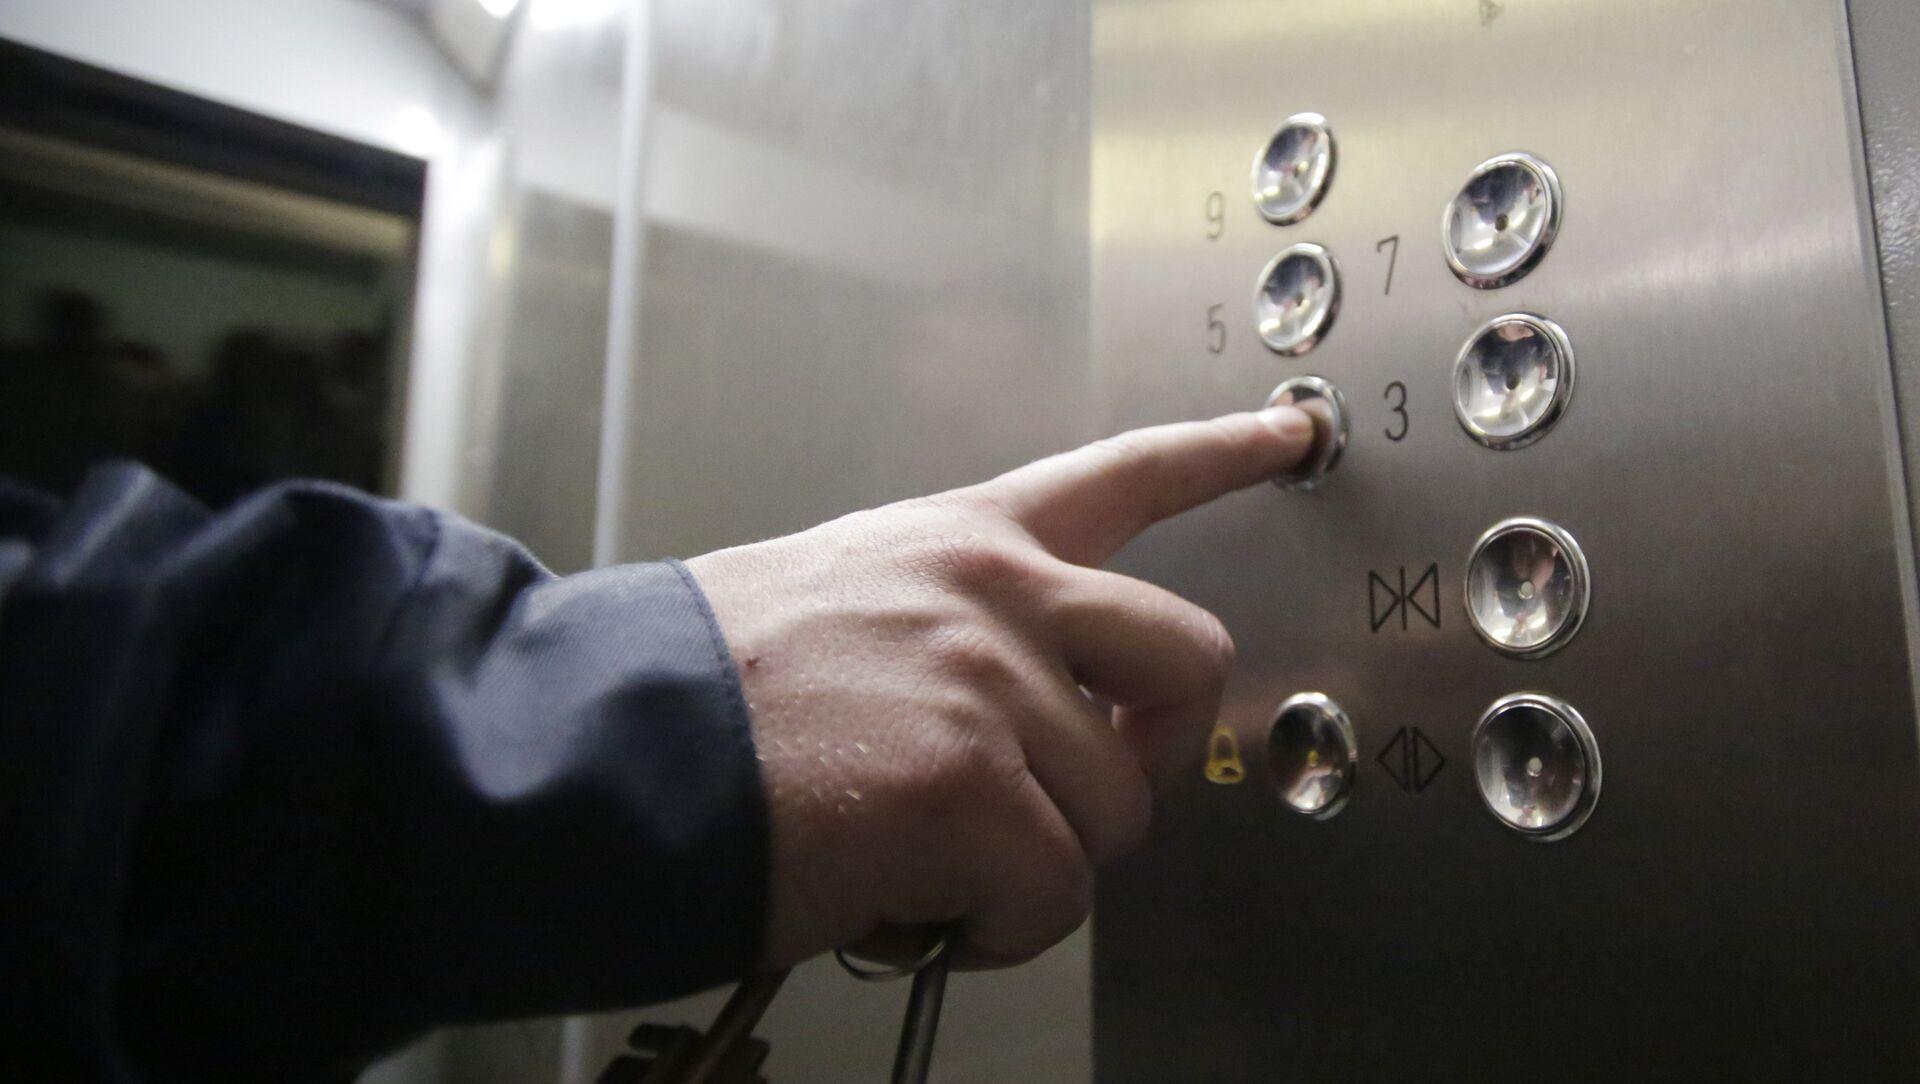 Кнопочная панель энергосберегающего лифта в подъезде жилого дома, фото из архива - Sputnik Azərbaycan, 1920, 17.09.2021